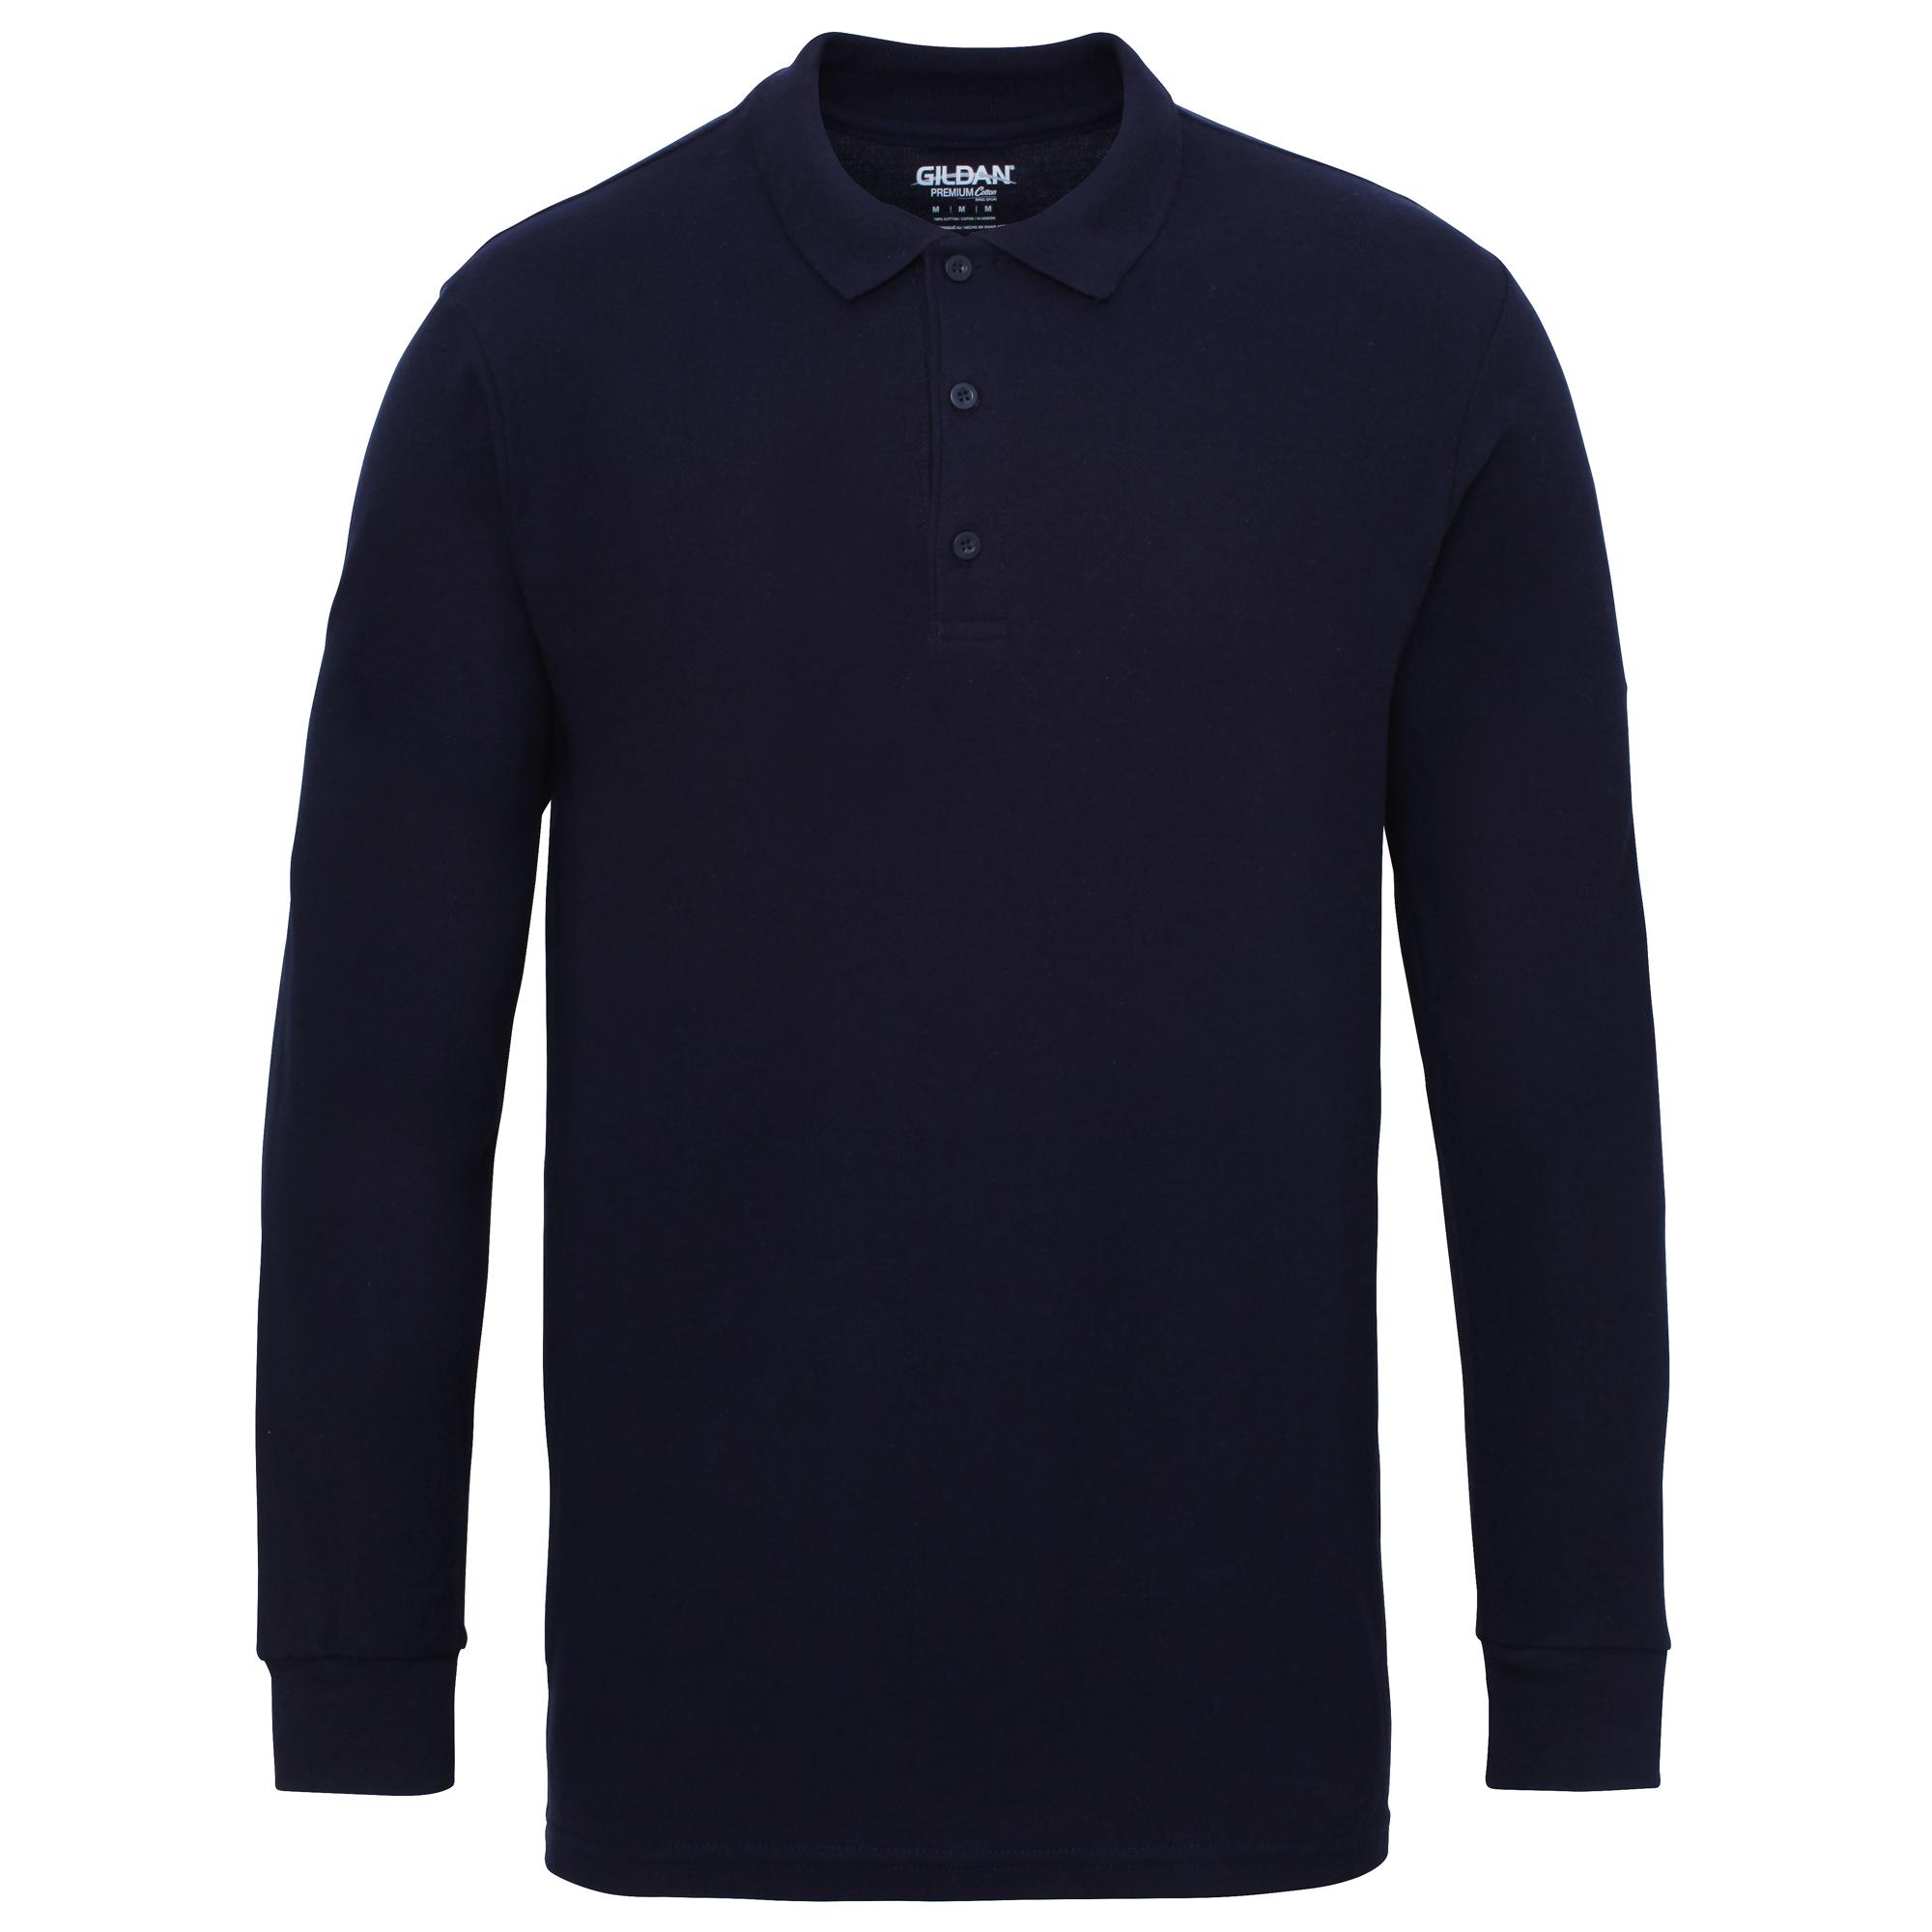 Gildan Mens Long Sleeve Double Pique Cotton Polo Shirt | eBay